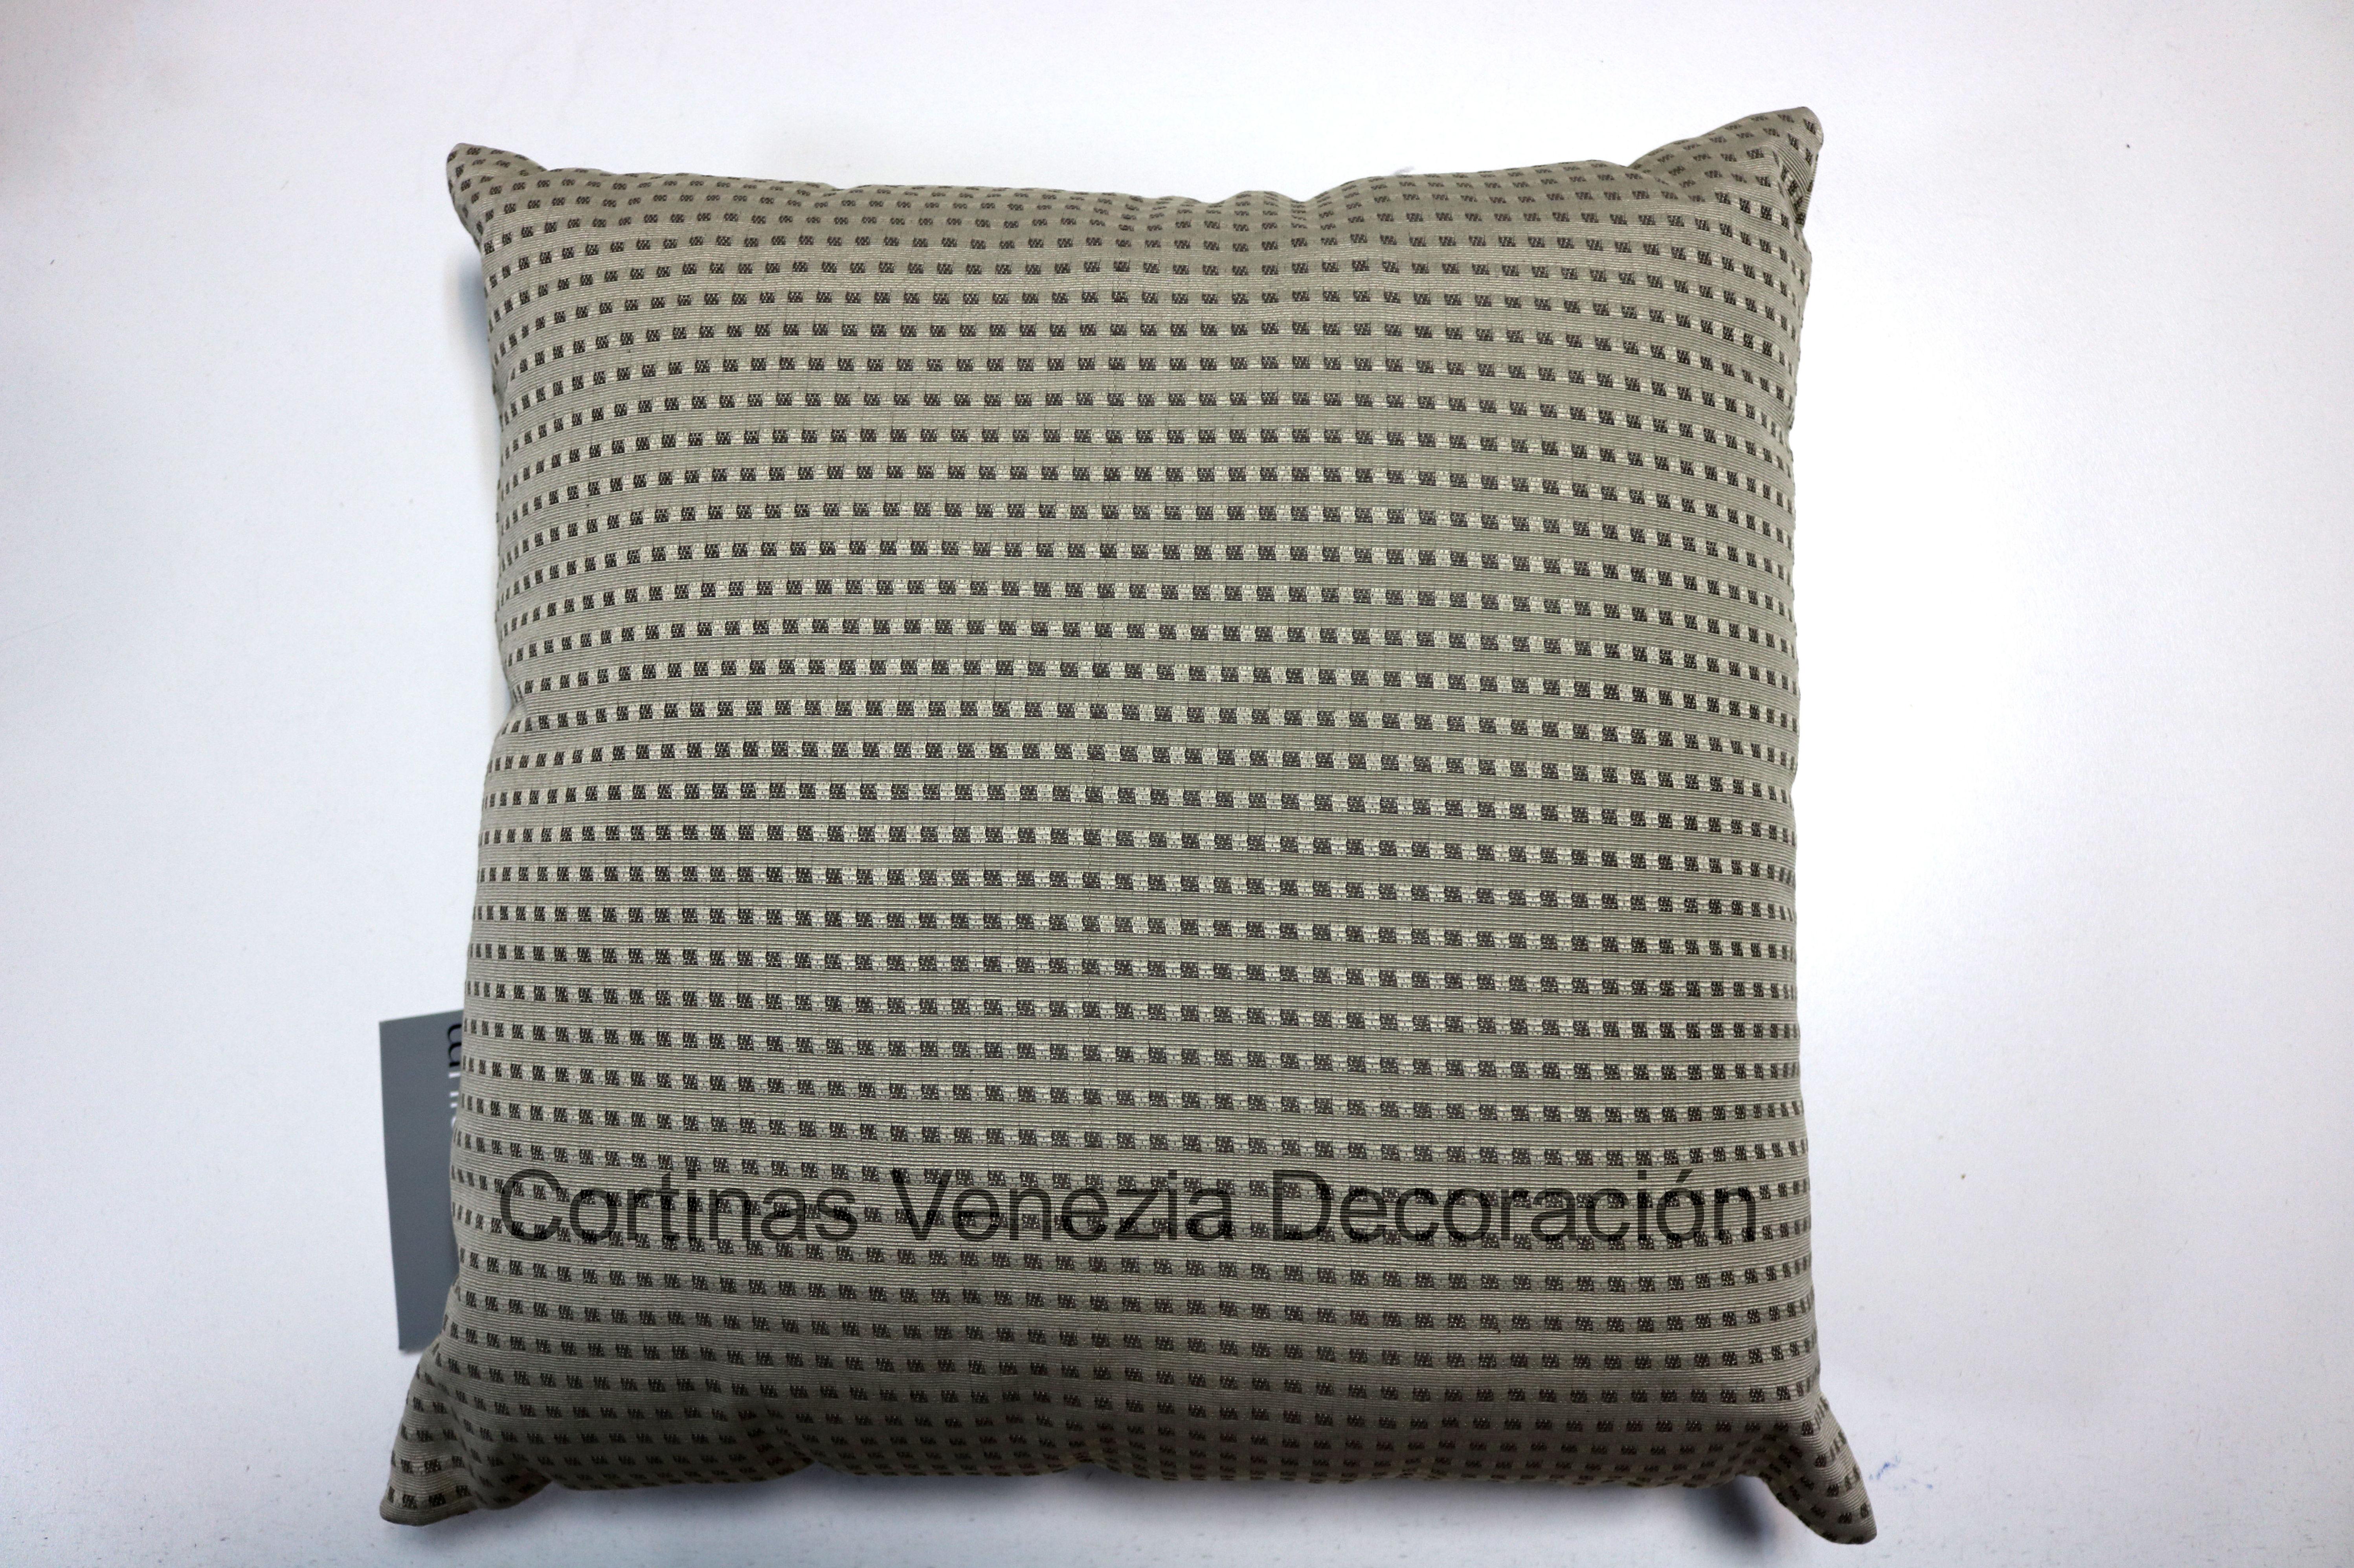 Cuadros Beige: Catálogo de Venezia Decoración